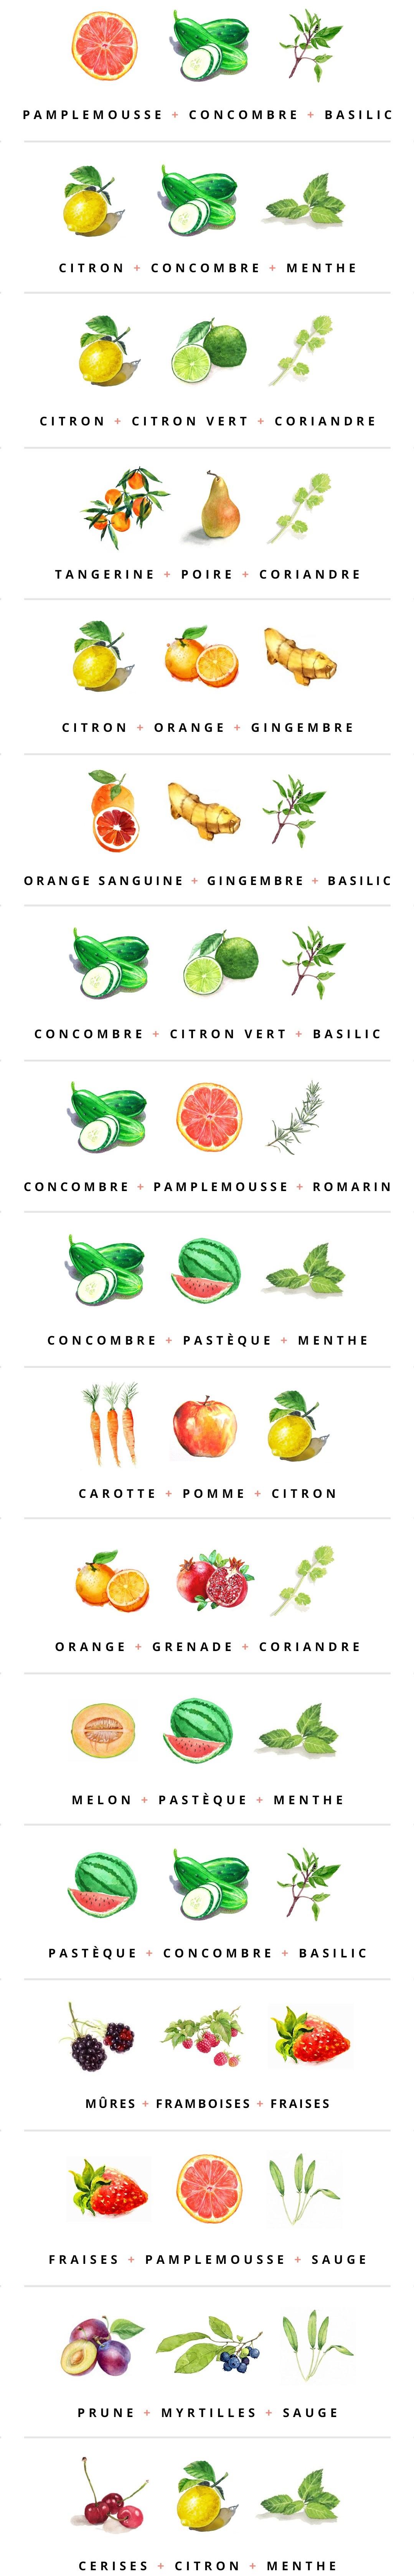 Ingrédients pour réaliser des eaux aromatisées